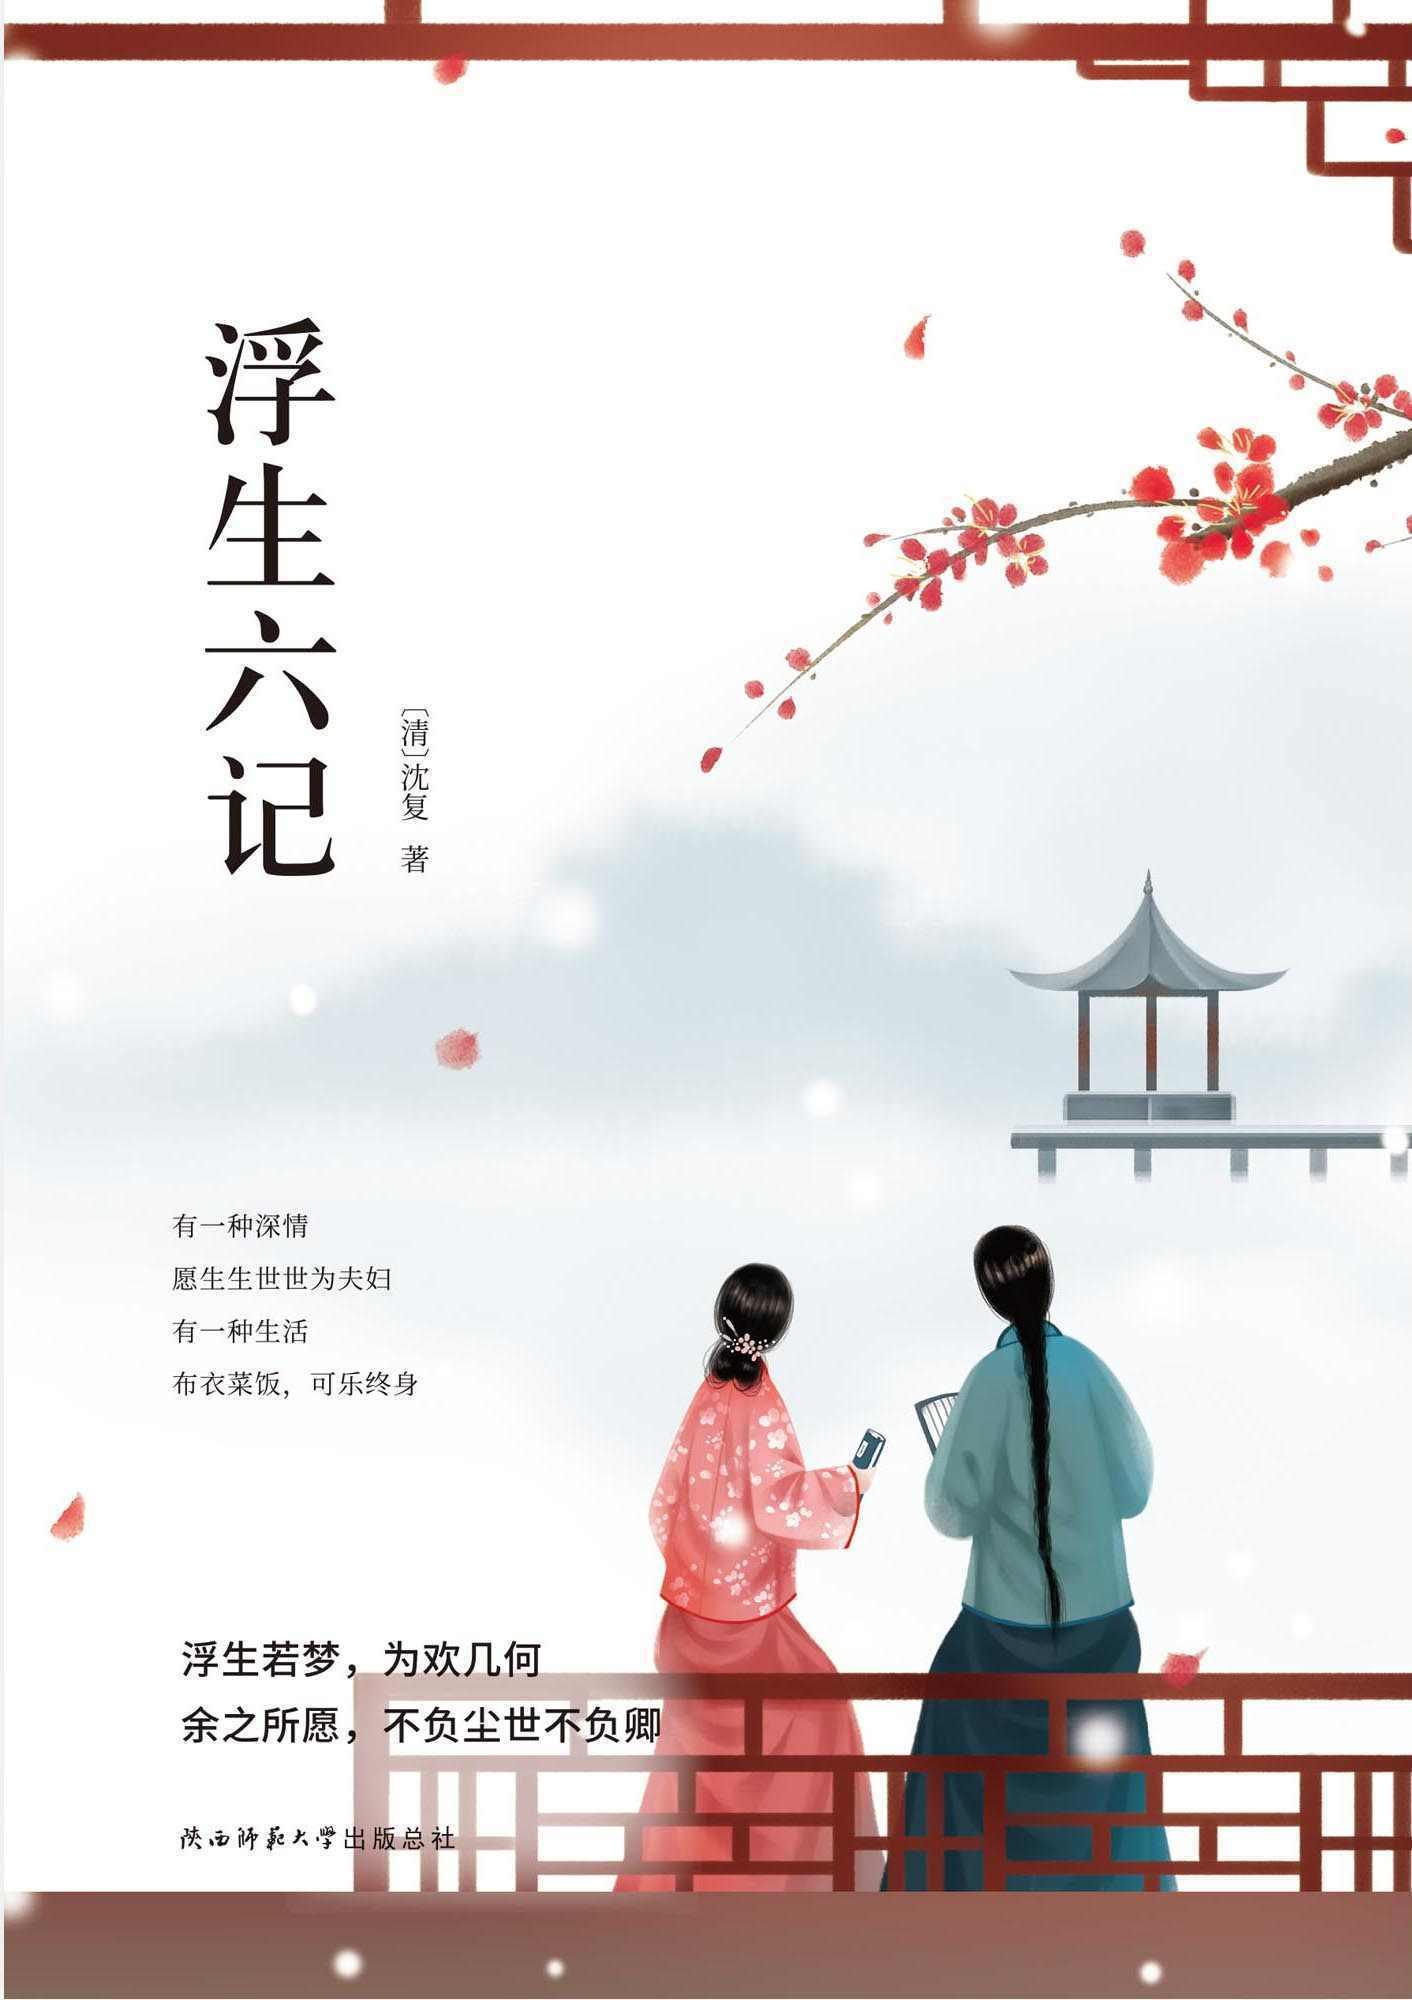 自传散文《浮生六记》:有一种深情叫愿生生世世为夫妇